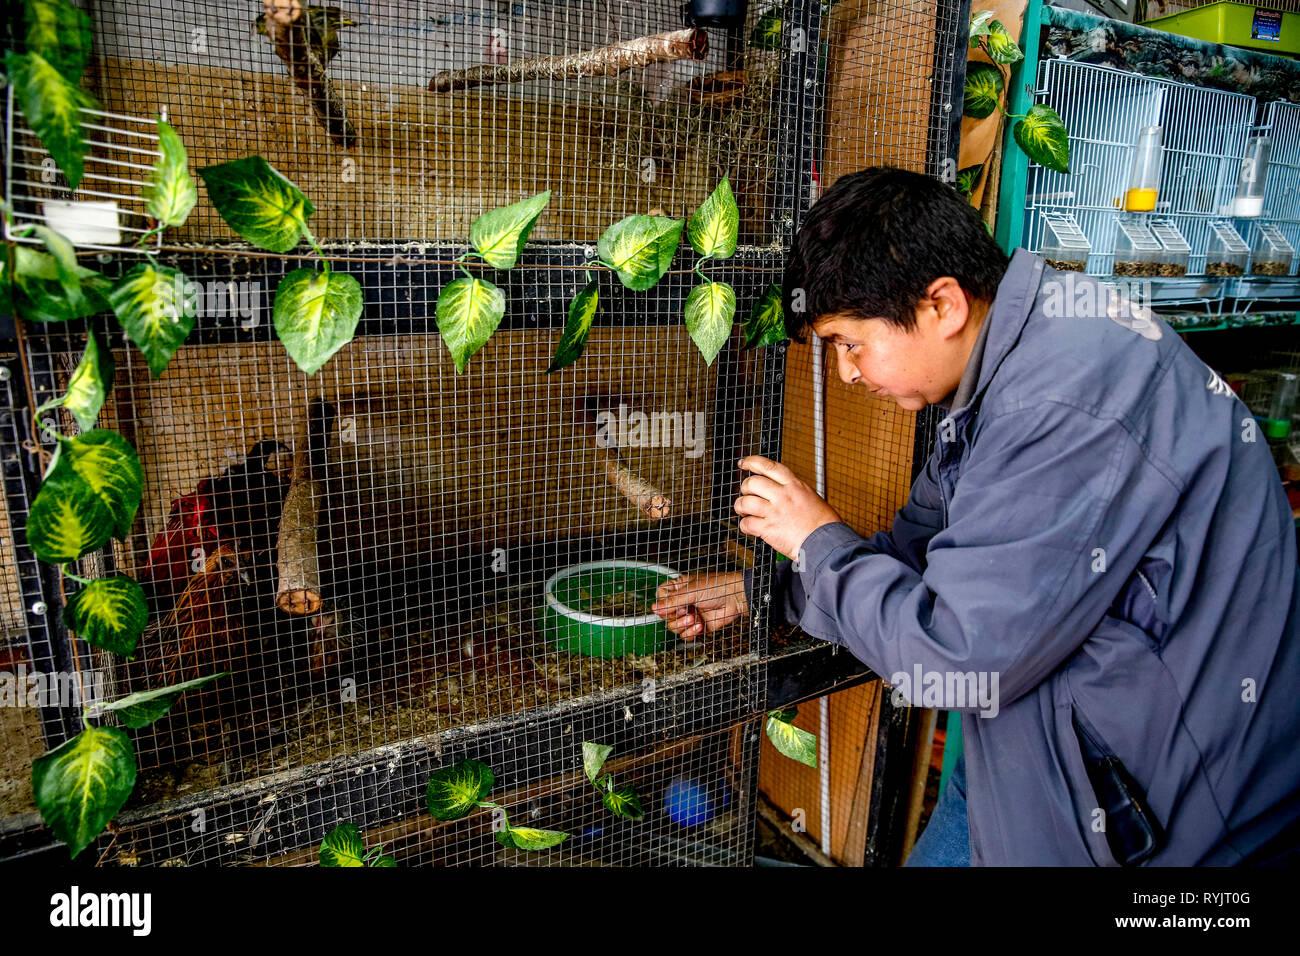 Jihad Abed Al-Aziz Shahatit erhielt ein zinsloses Darlehen in Höhe von US $ 4000 ACAD finanzieren zu erweitern und seinen Vogel shop in Dura, West Bank, Palesti liefern Stockbild